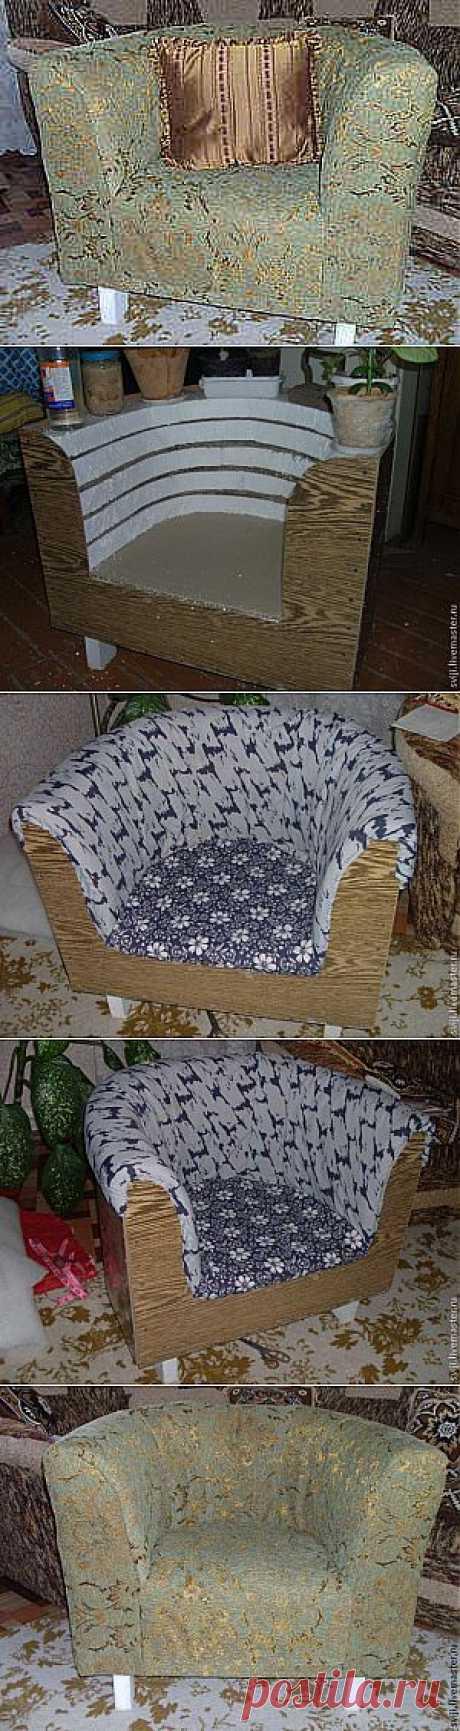 Делаем кресло сами. Описание изготовления - Ярмарка Мастеров - ручная работа, handmade